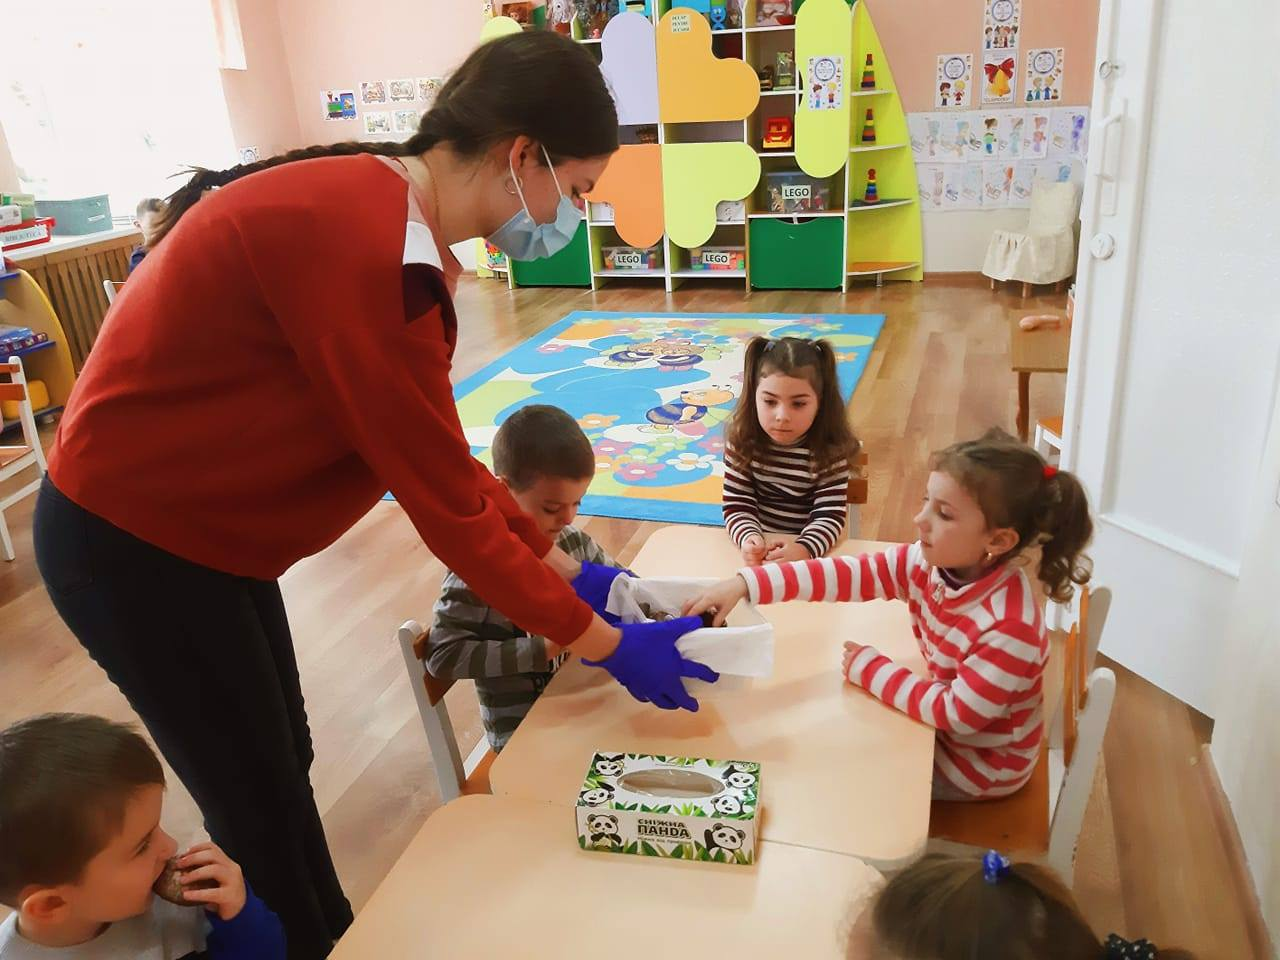 Andreea handing out cookies to her mother's kindergarten class.